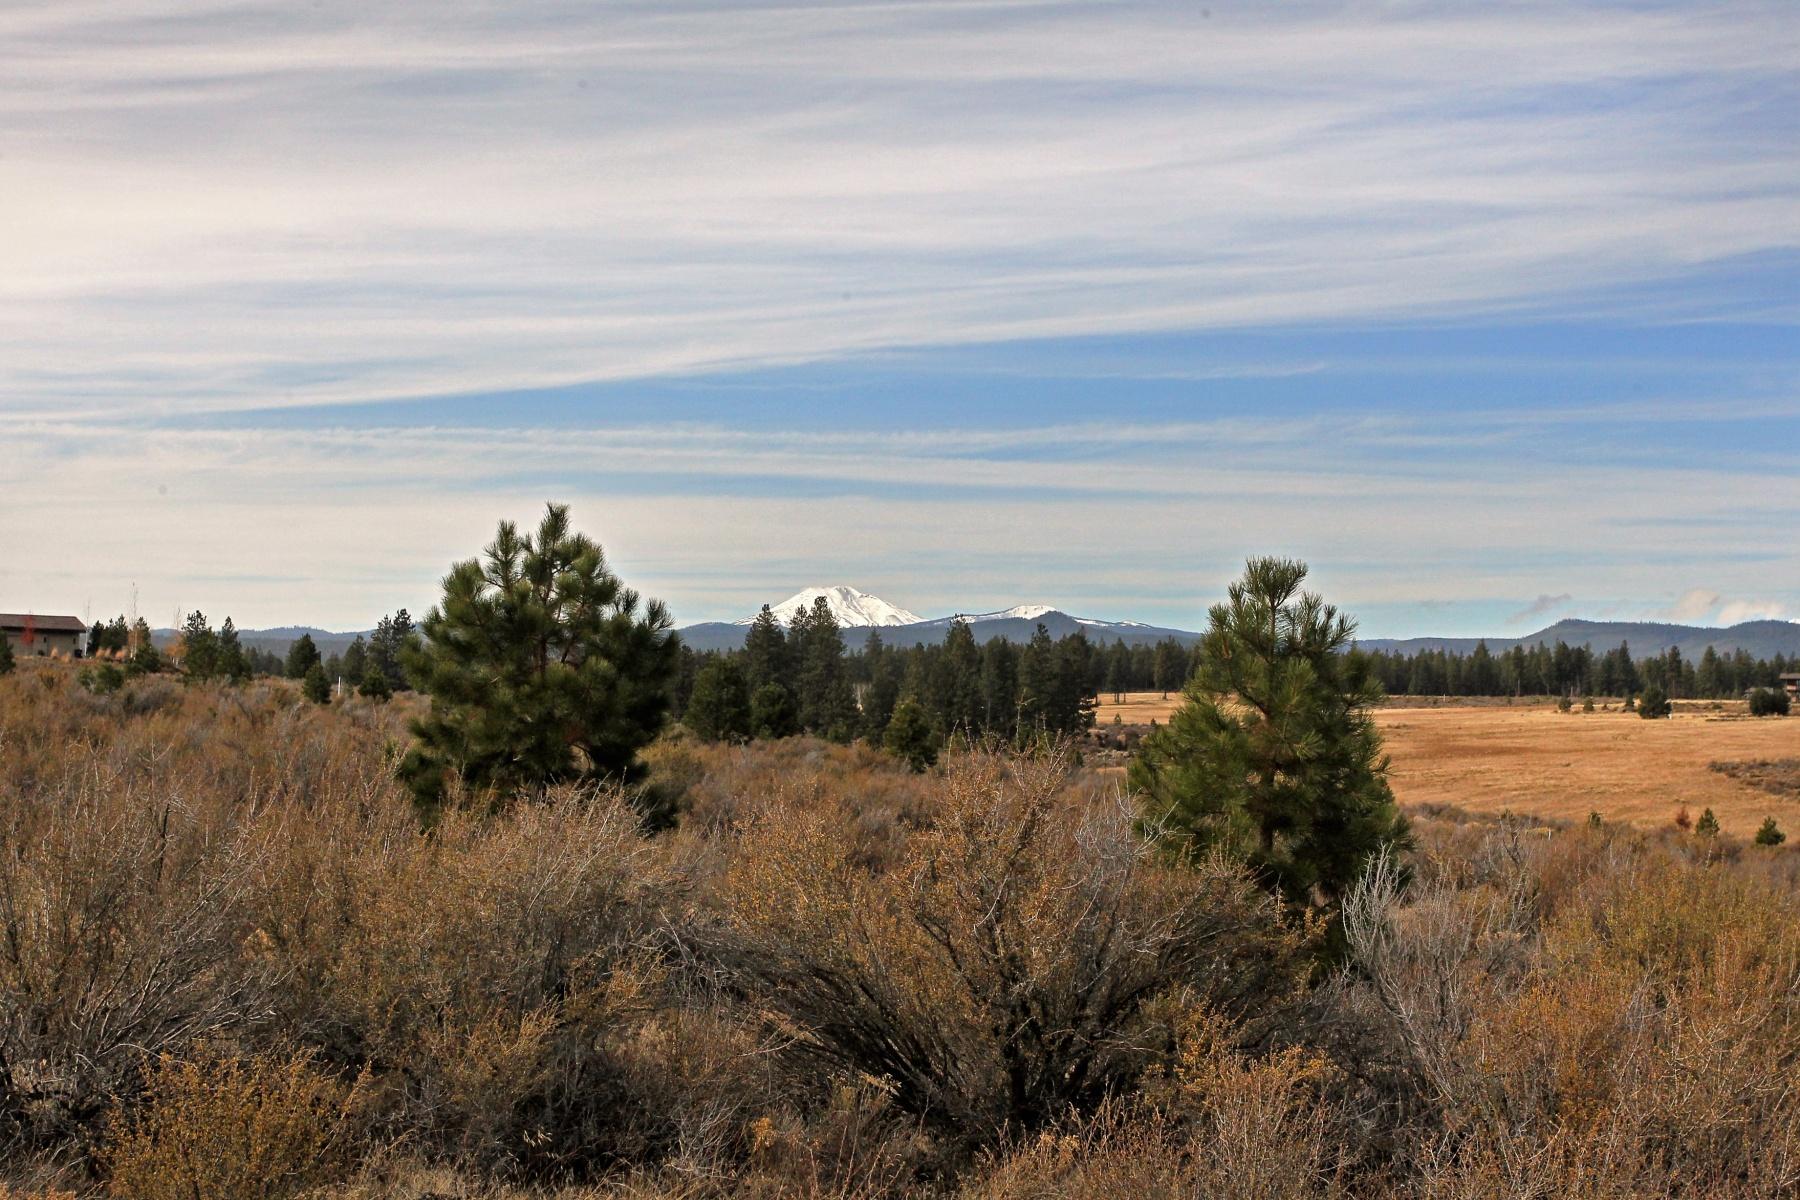 Terreno por un Venta en Tetherow Lot .61 Ac w Mtn. Views 61799 Hosmer Lake Dr Lot 330 Bend, Oregon, 97702 Estados Unidos